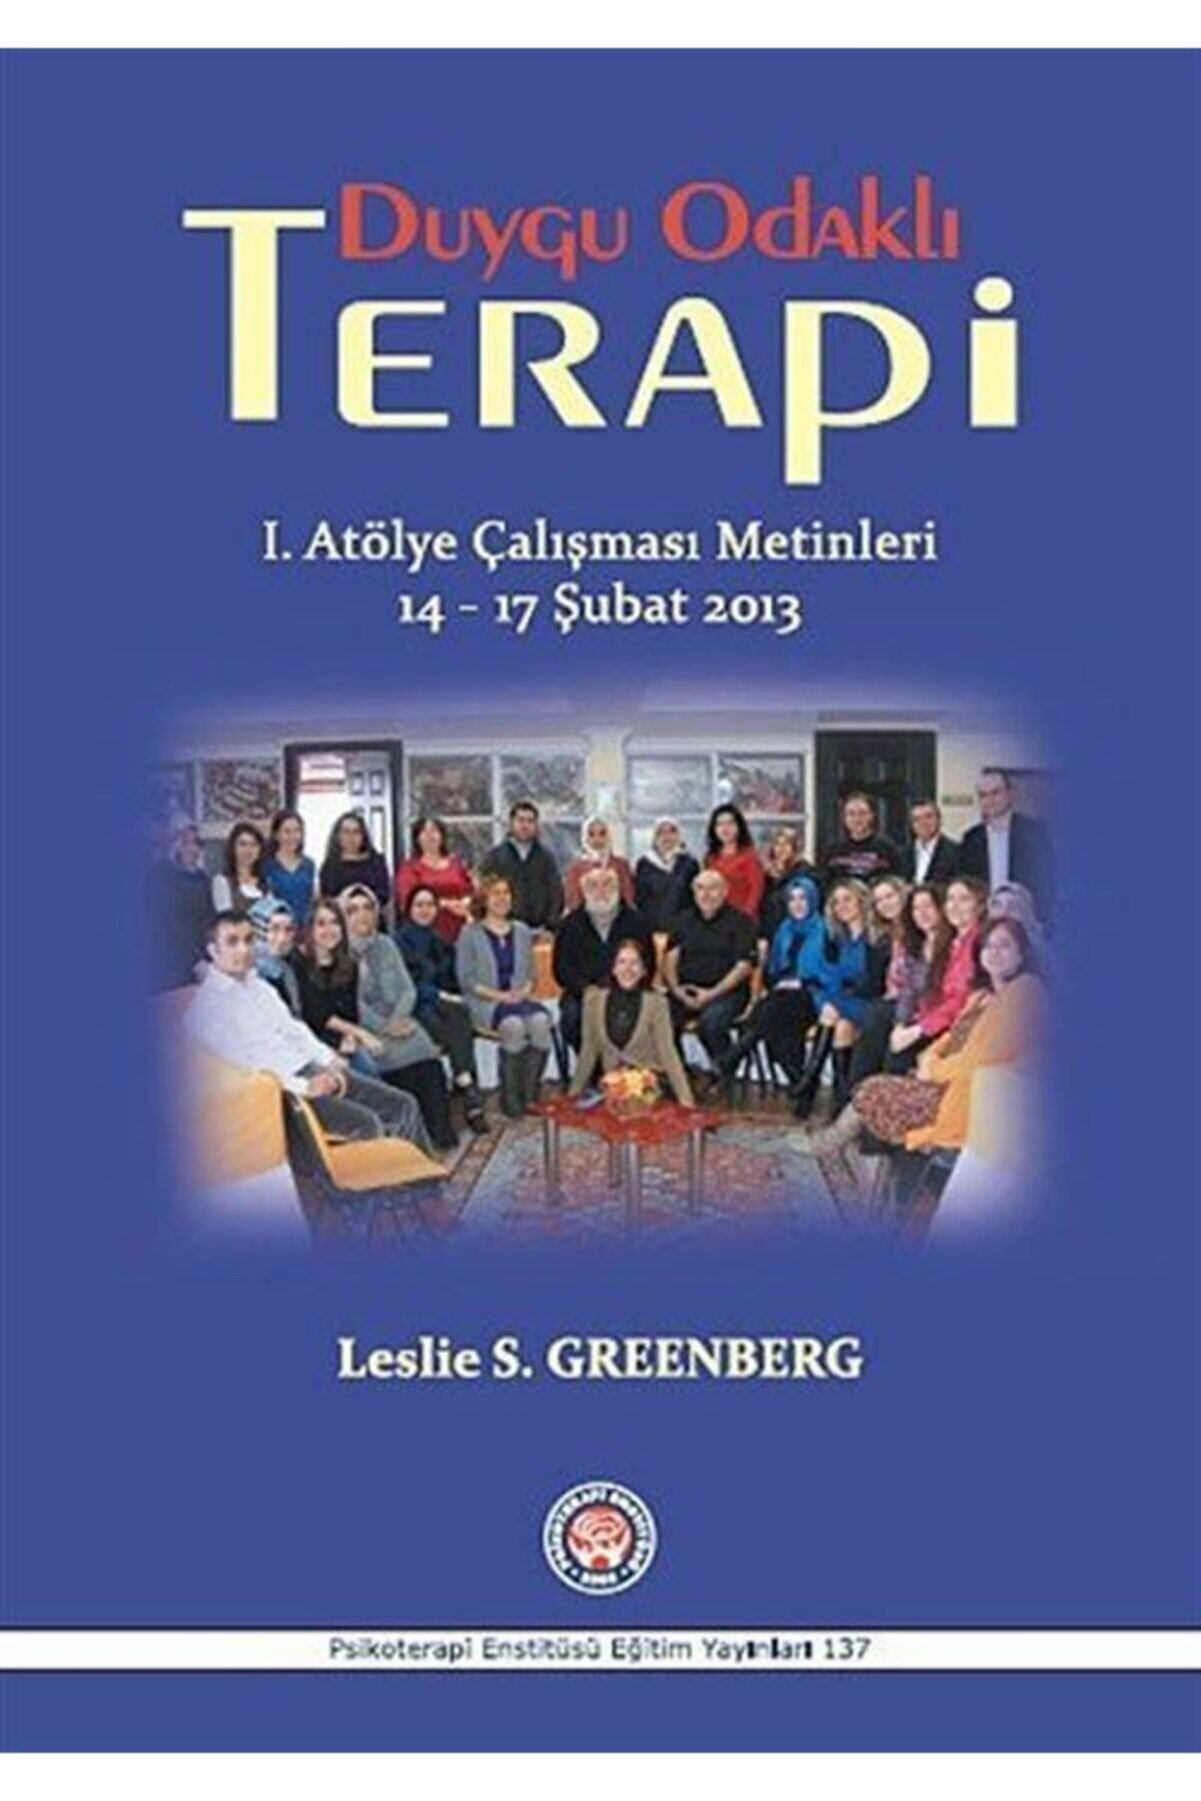 Psikoterapi Enstitüsü Yayınları Duygu Odaklı Terapi & 1. Atölye Çalışması Metinleri 14-17 Şubat 2013